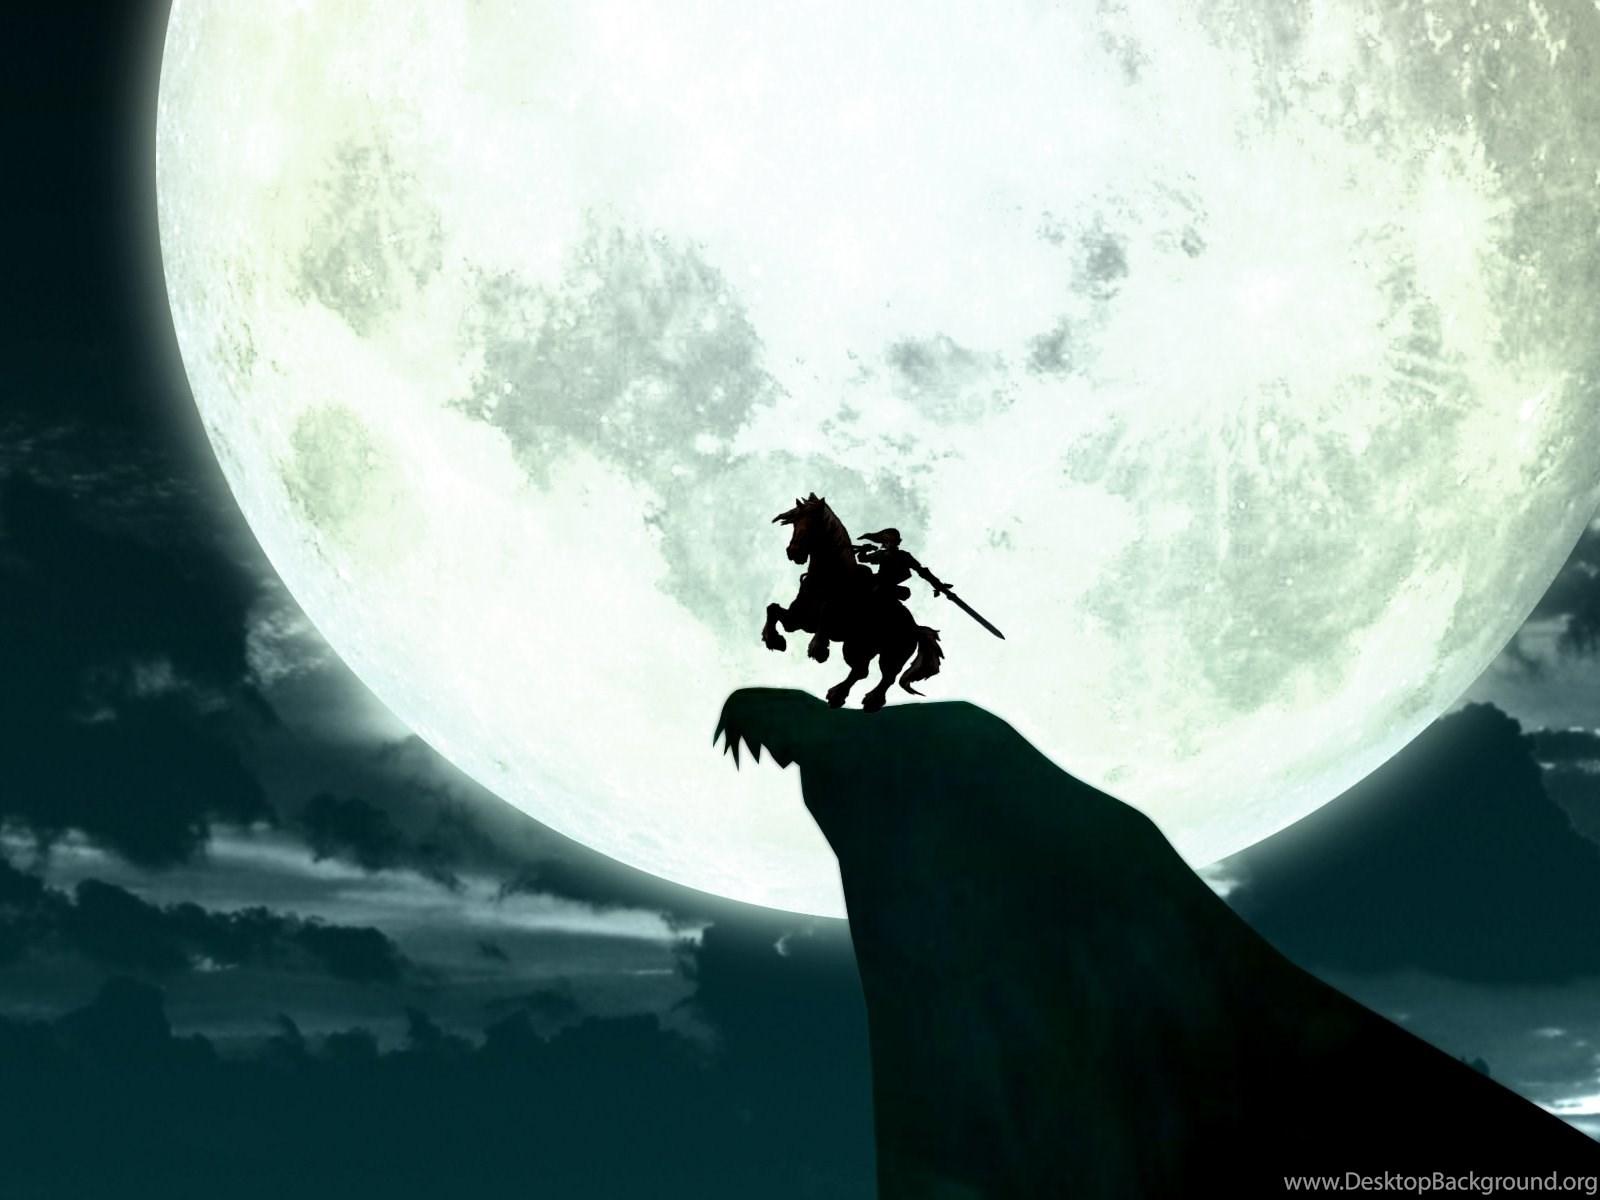 The Legend Of Zelda Wallpapers Desktop Background